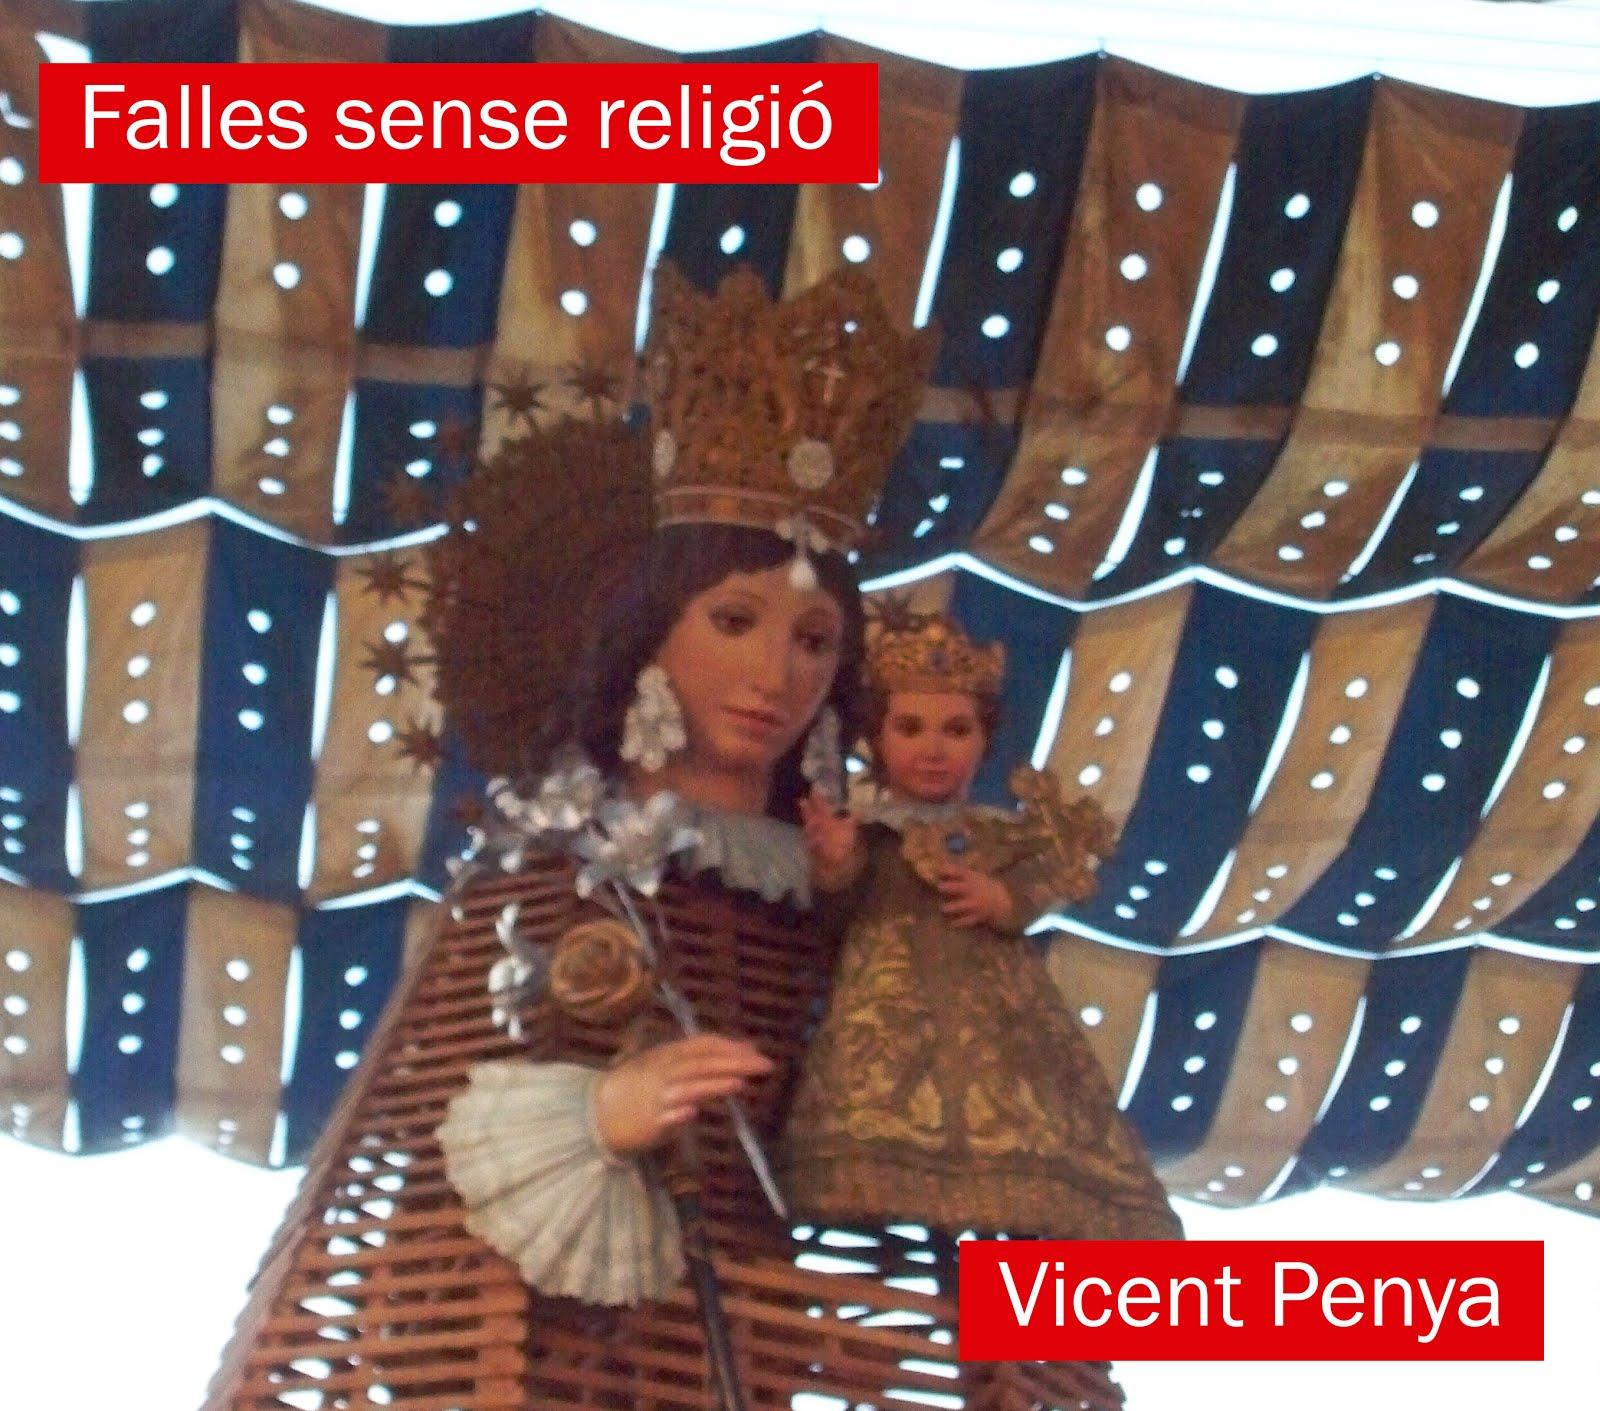 FALLES SENSE RELIGIÓ